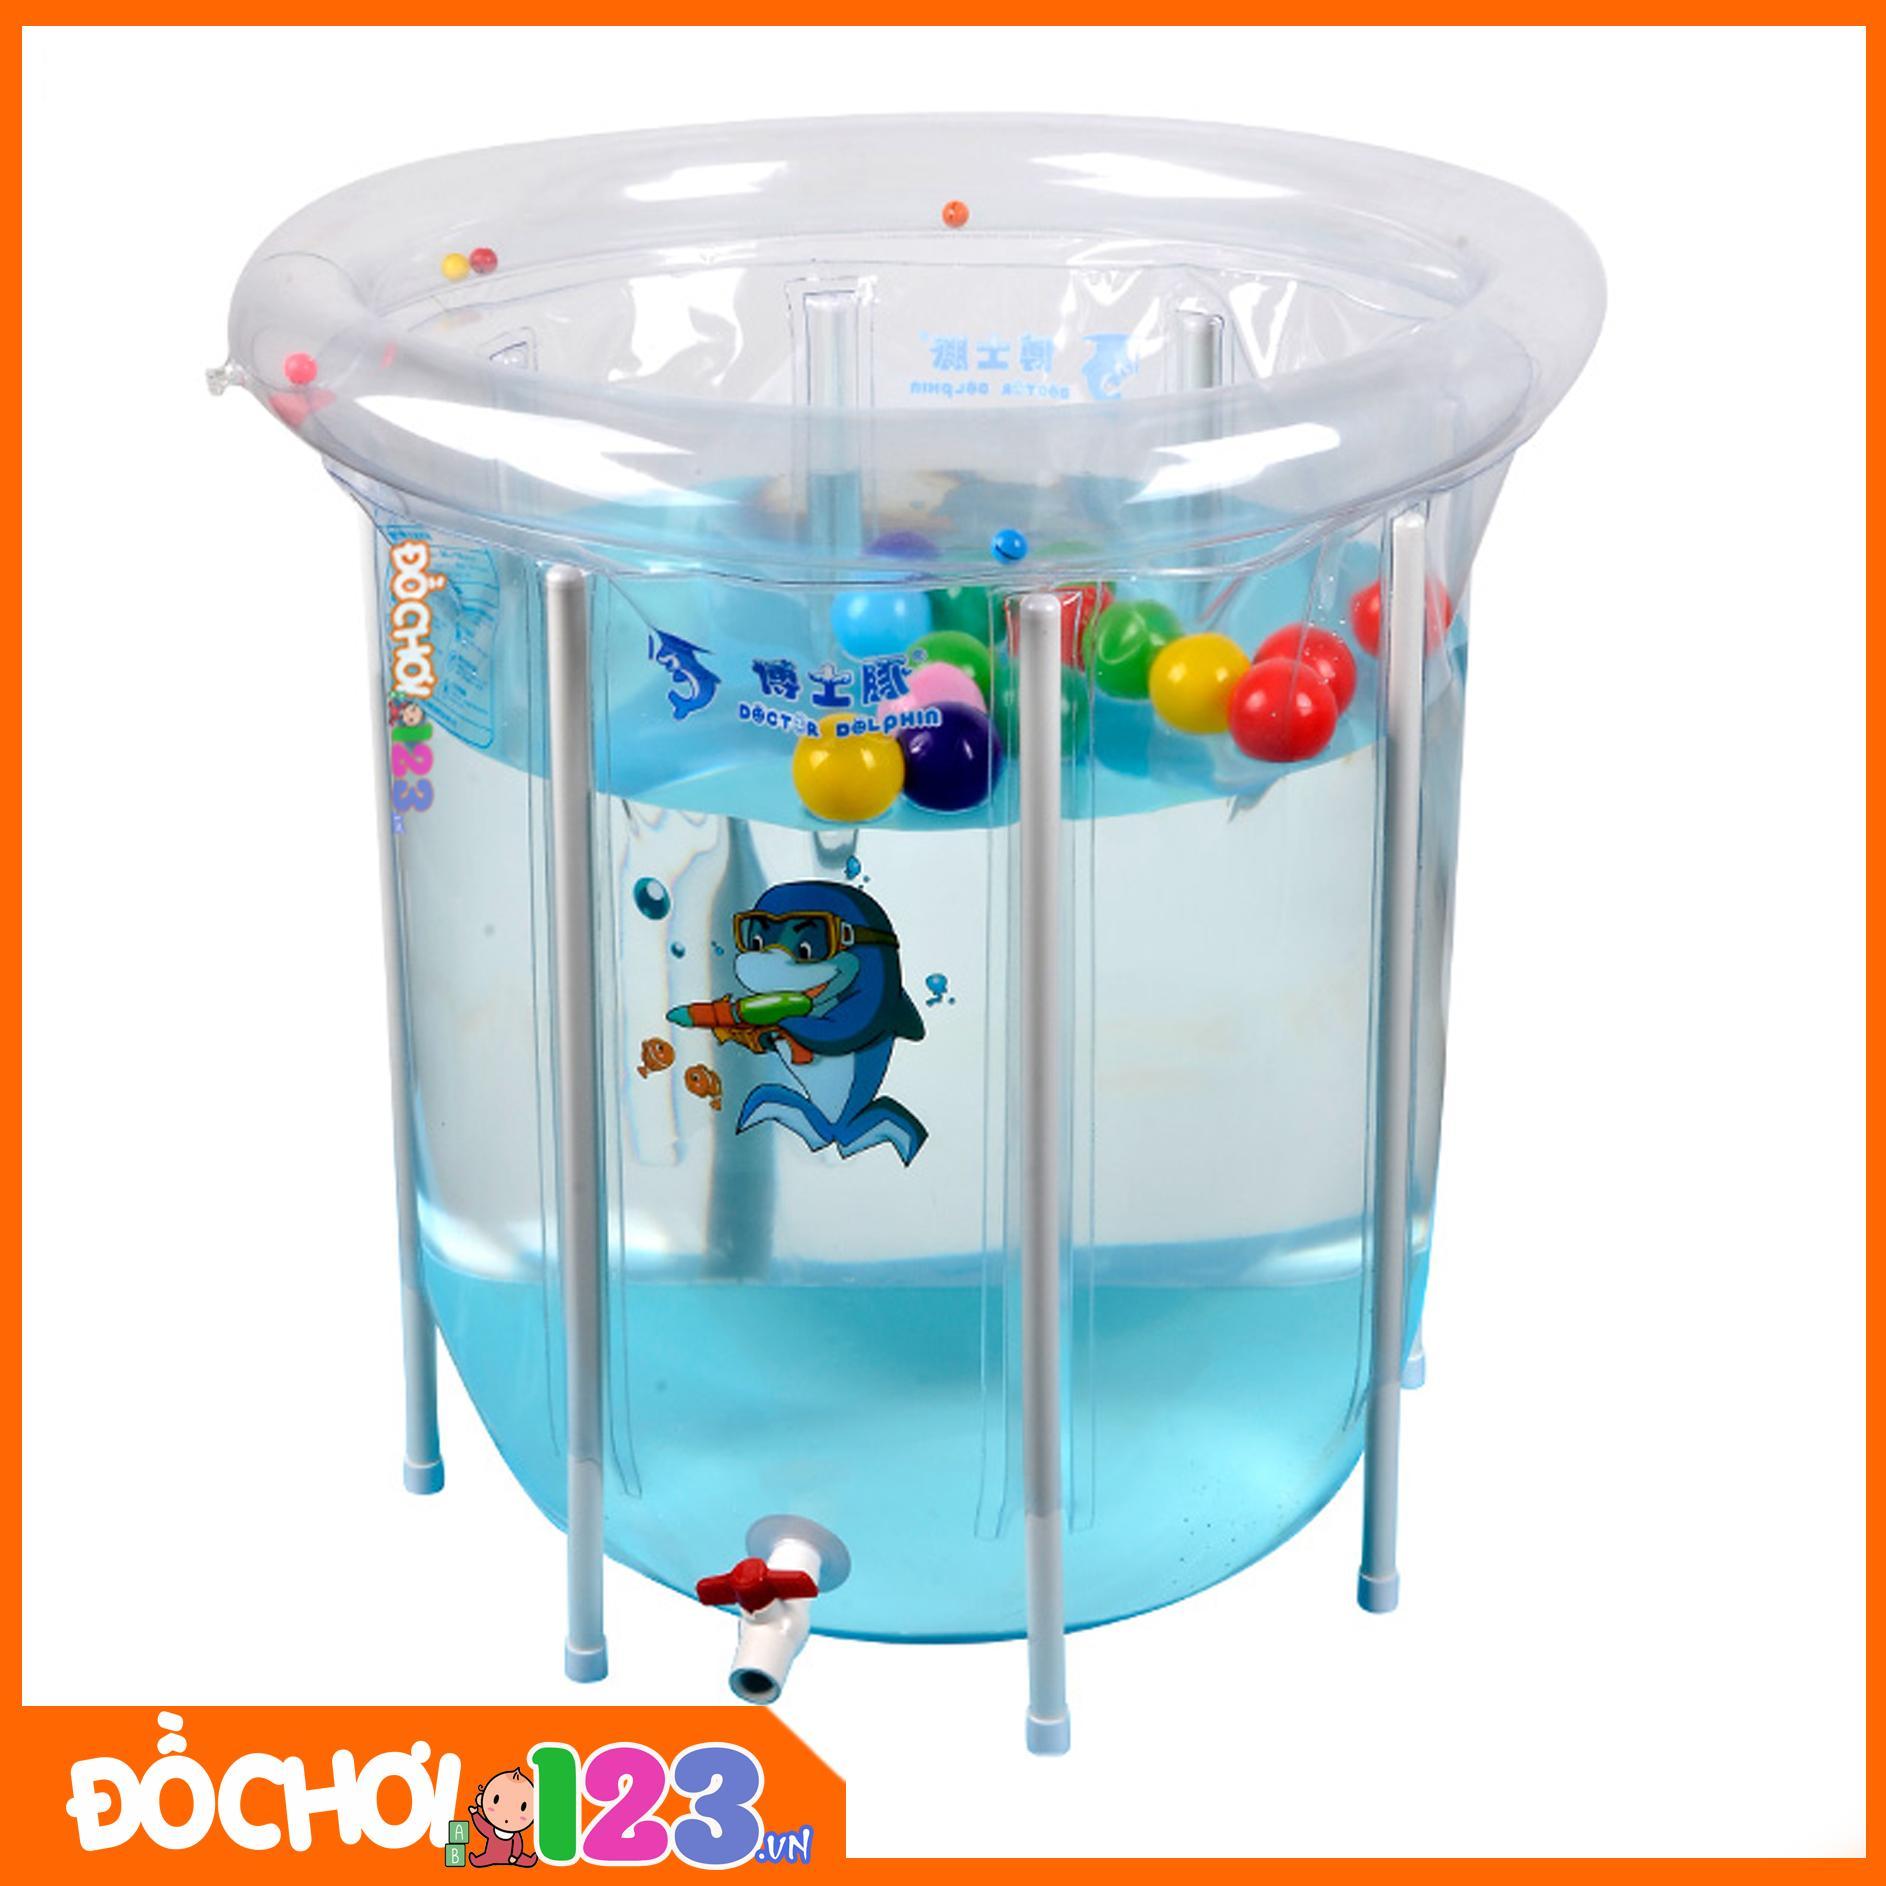 Hình ảnh Bể bơi phao thành cao trong suốt Doctor Dolphin 80x80cm + Tặng phao cổ